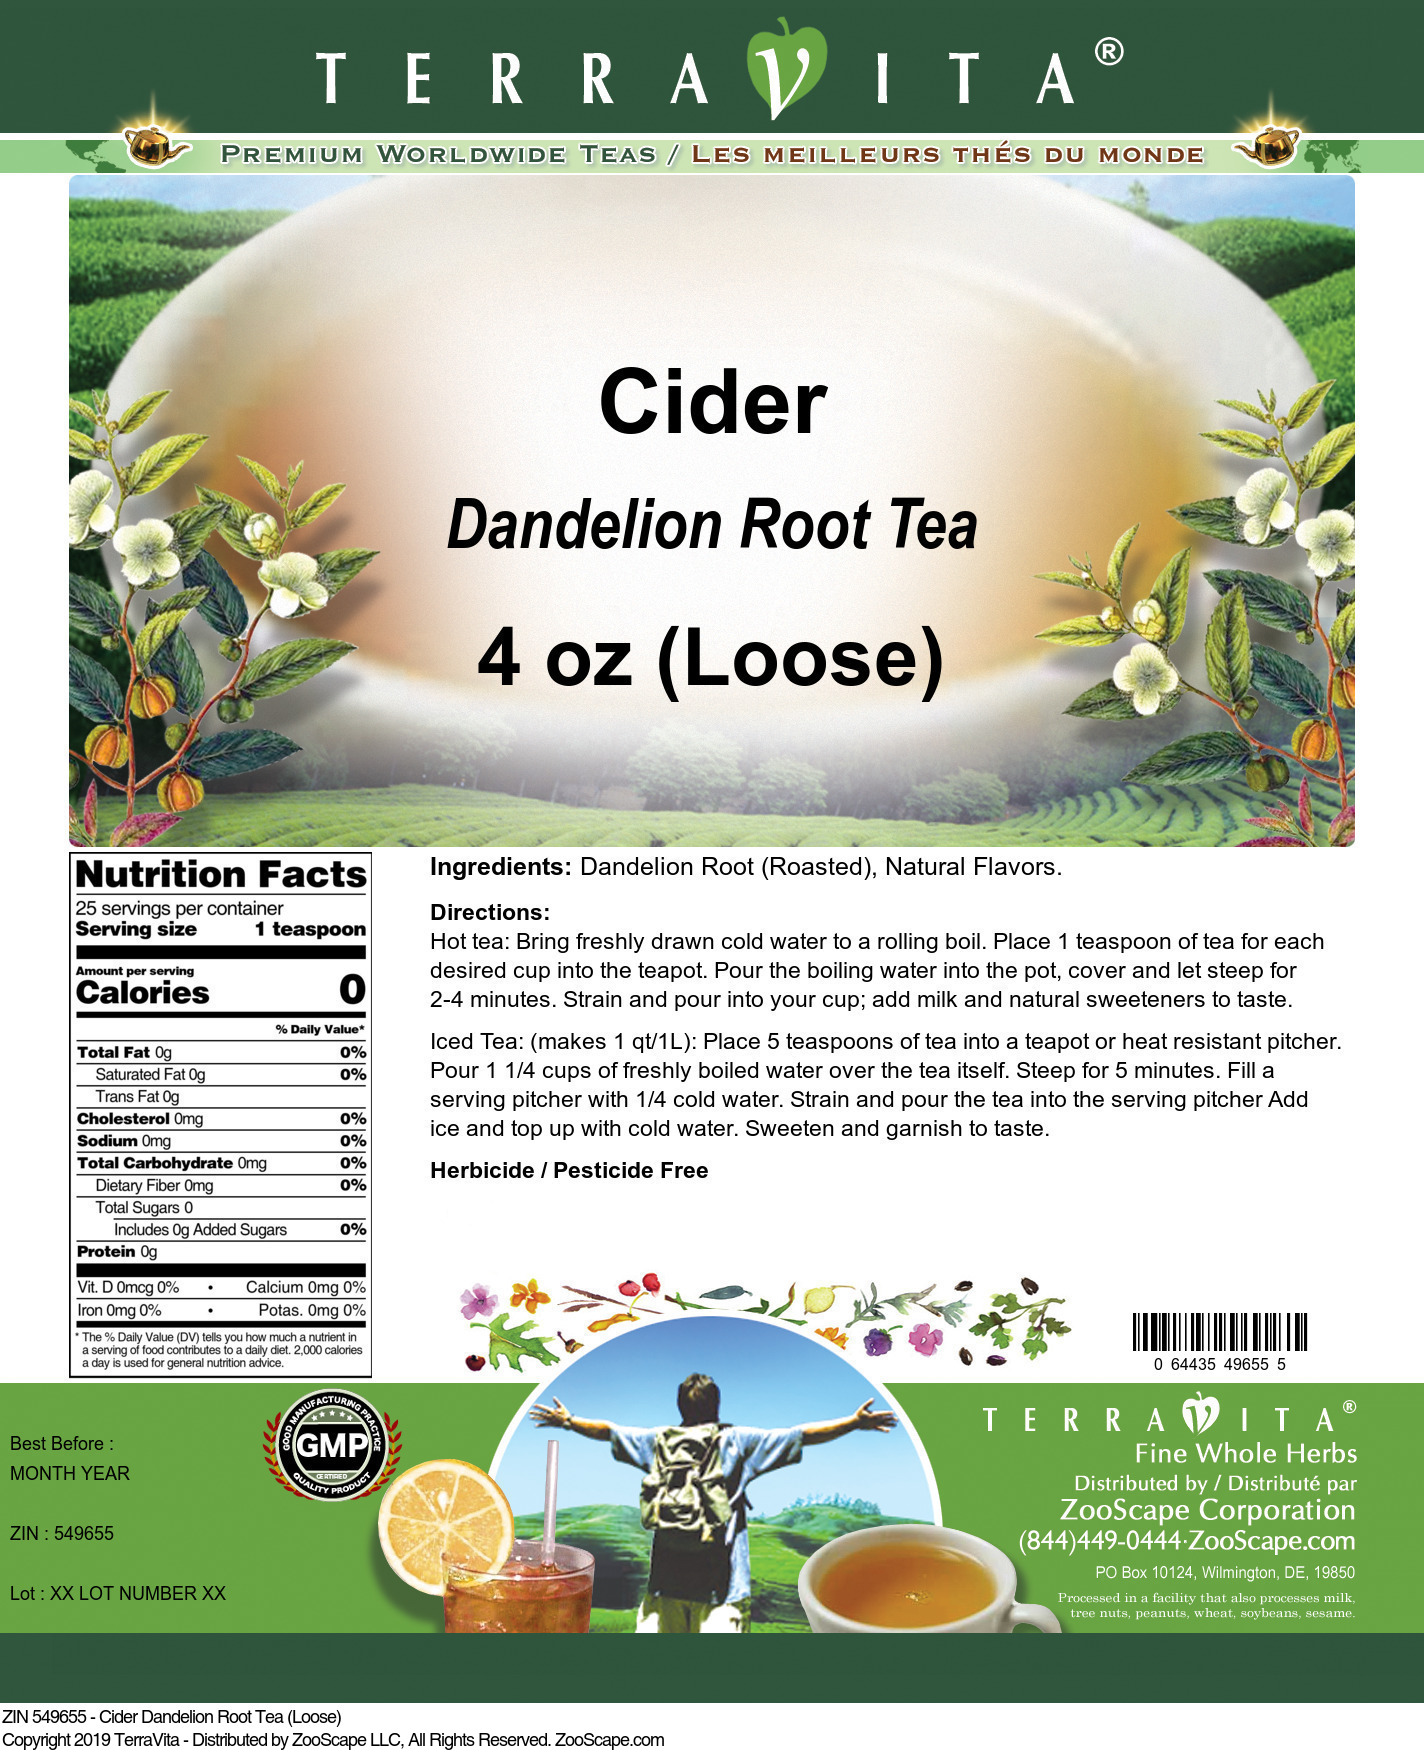 Cider Dandelion Root